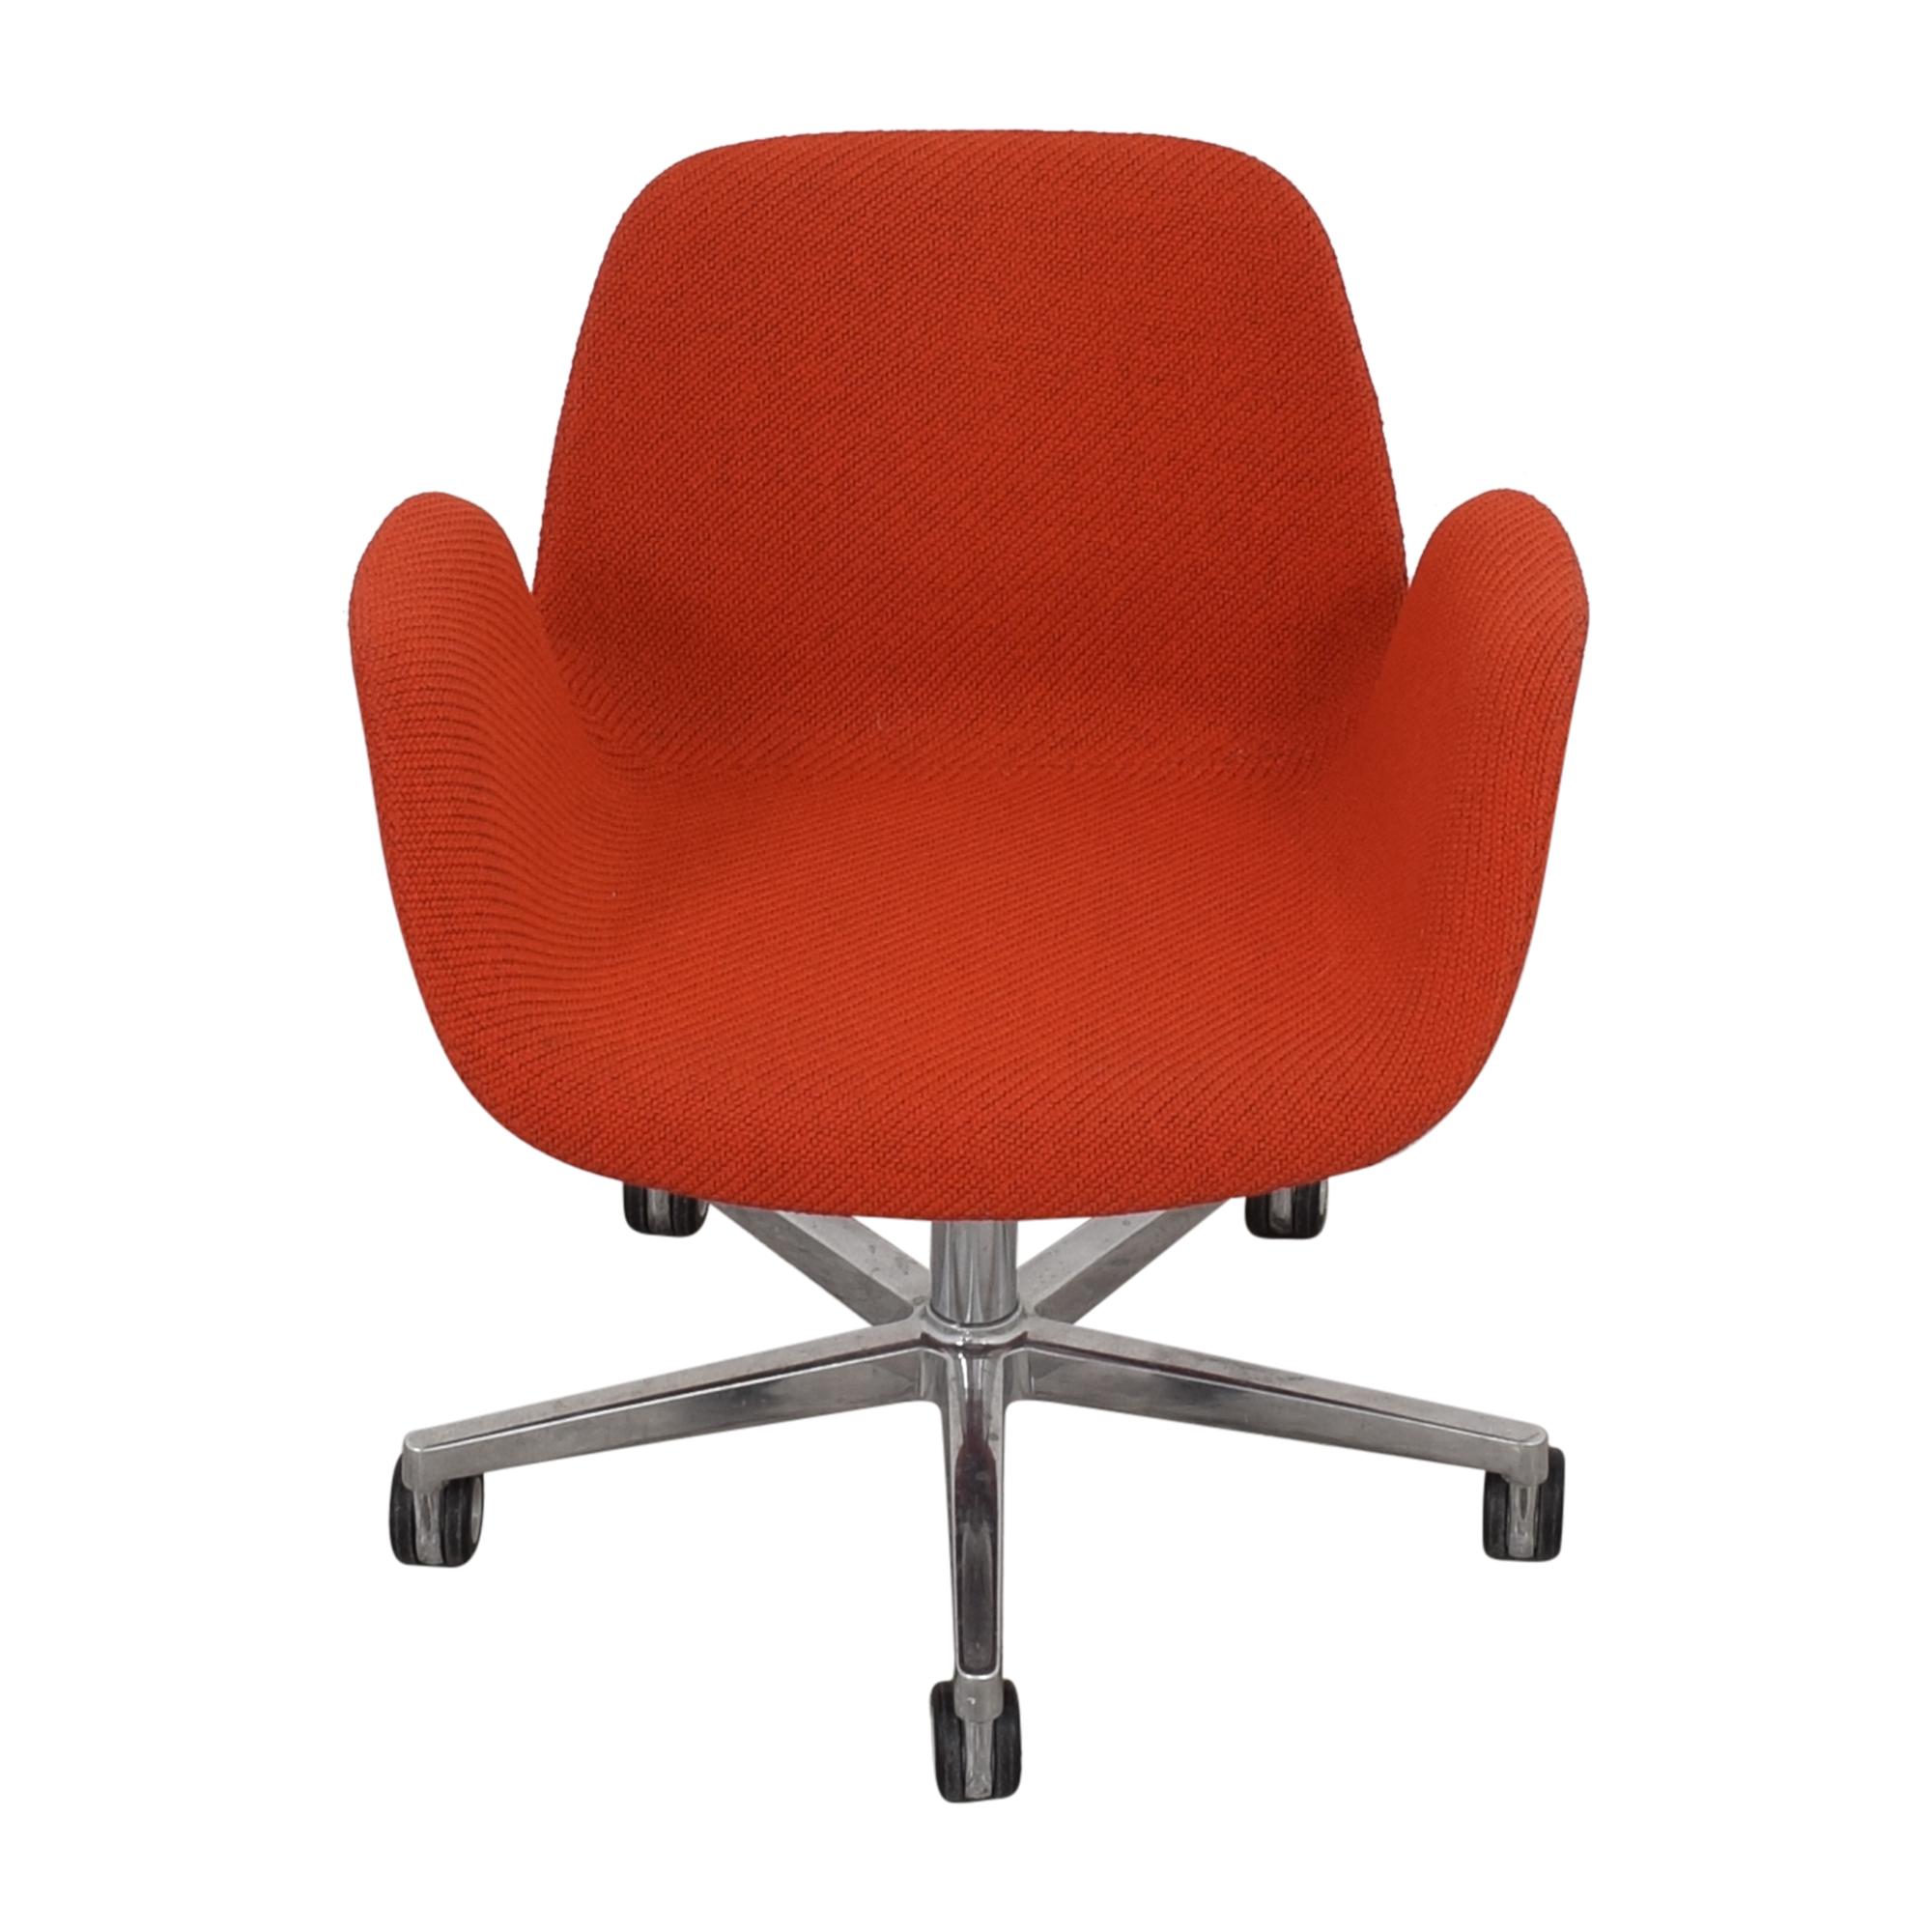 Koleksiyon Koleksiyon Halia Chair on sale